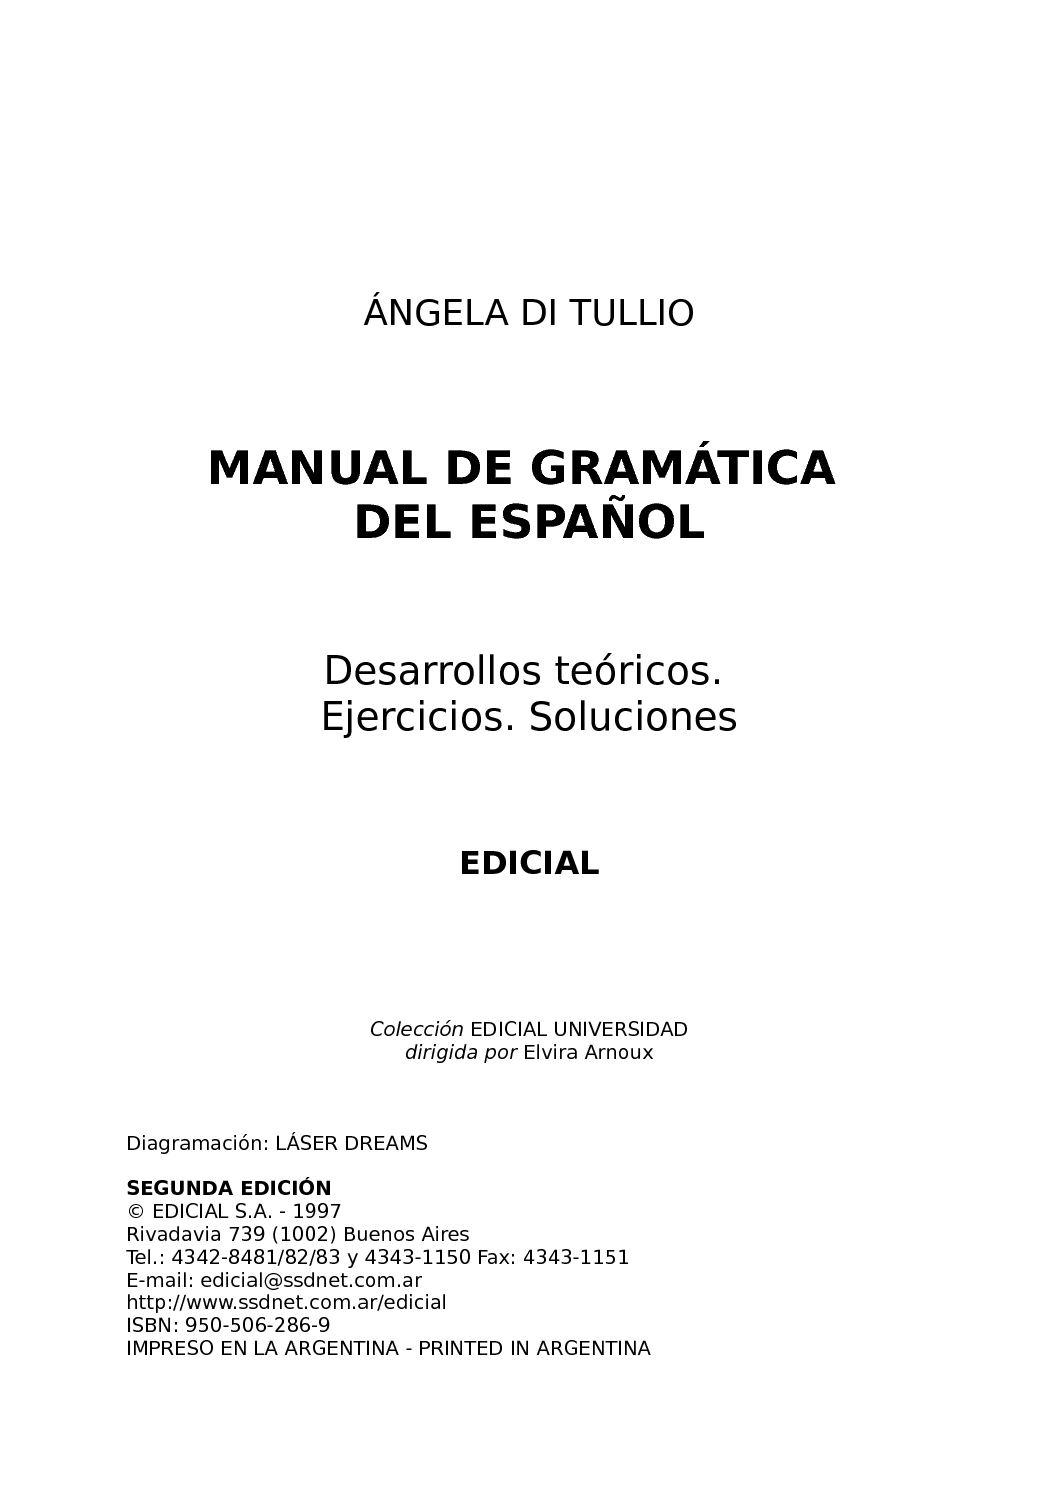 De Calaméo Calaméo De Calaméo Manual Gramática Manual Gramática 1TFc3lKJ